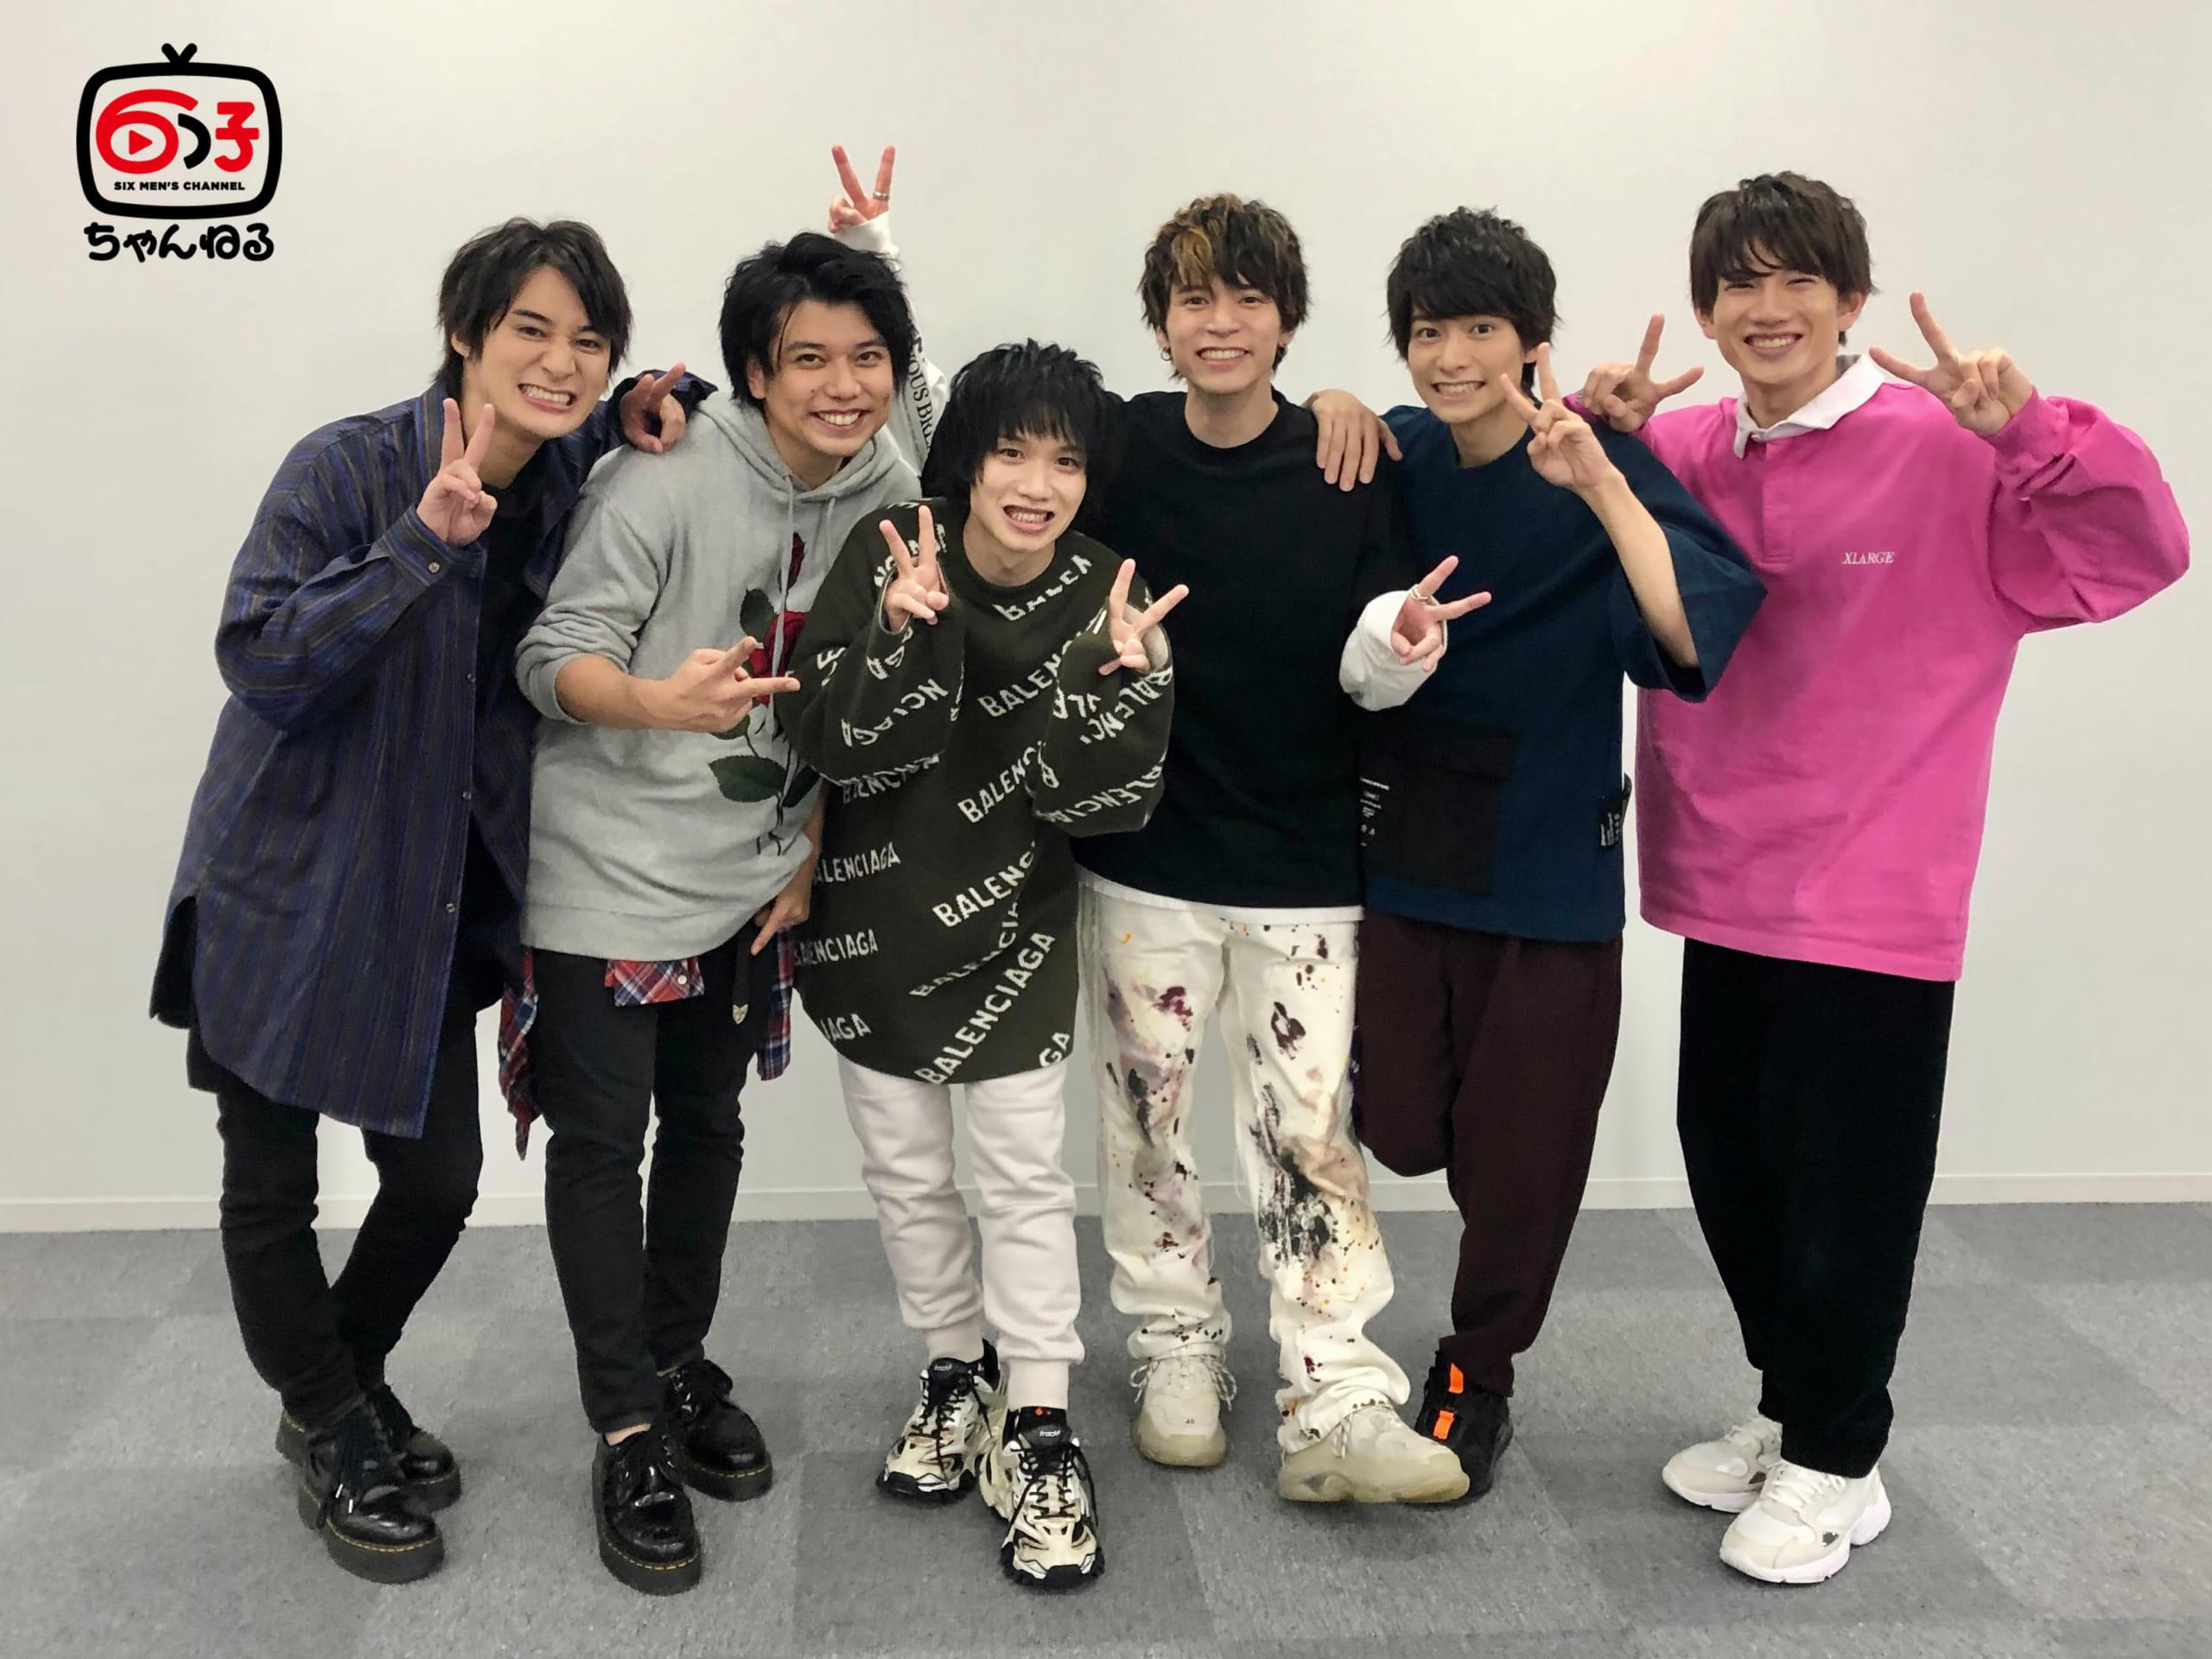 舞台「おそ松さん」でおなじみの高崎翔太さんらがYouTube「6つ子ちゃんねる」を開設!年末イベントも開催決定